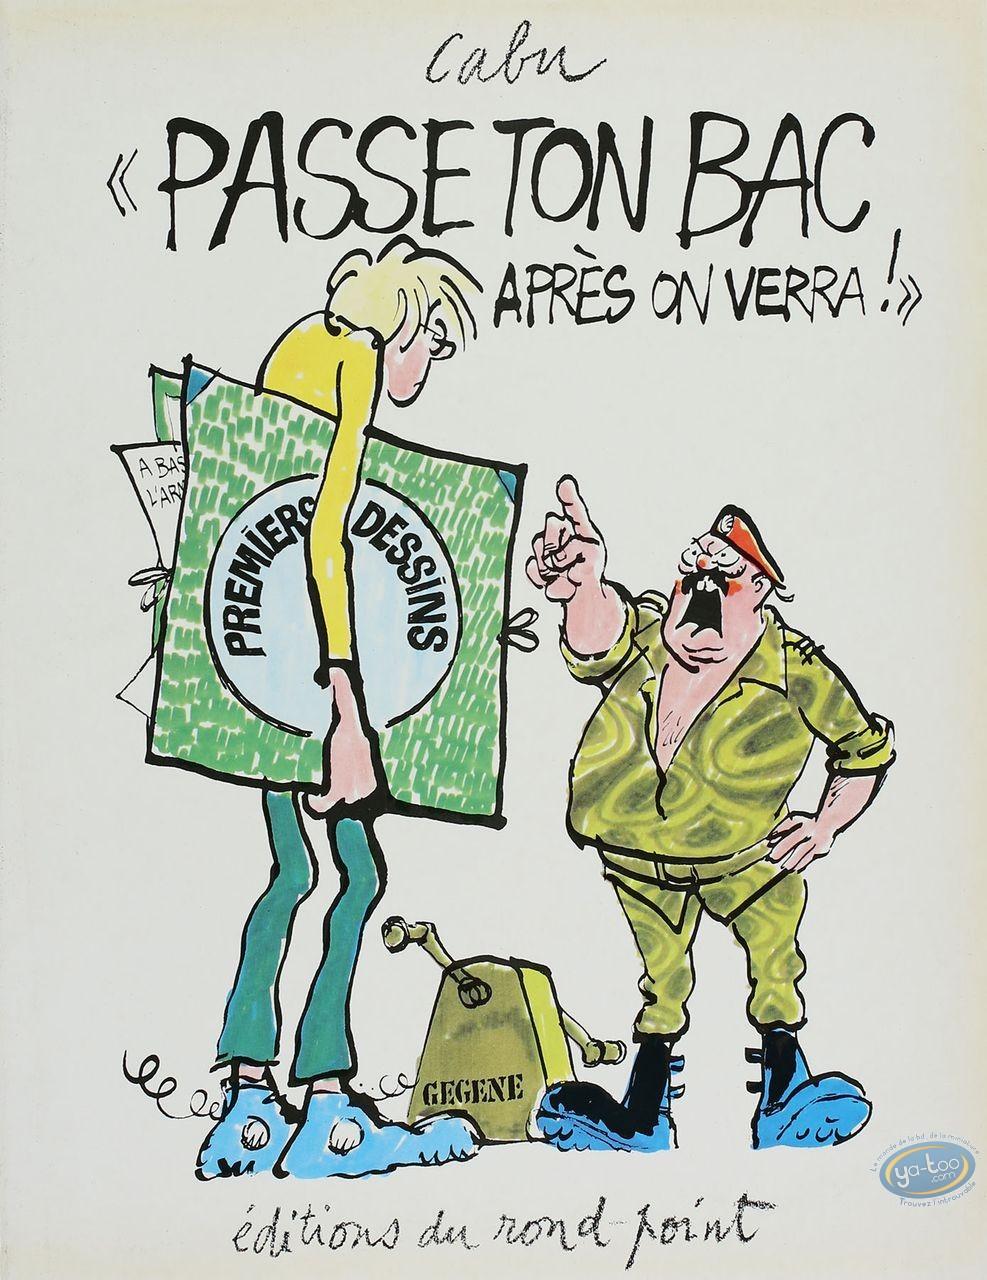 BD occasion, Passe ton Bac Après on Verra! : Passe ton bac après on verra!